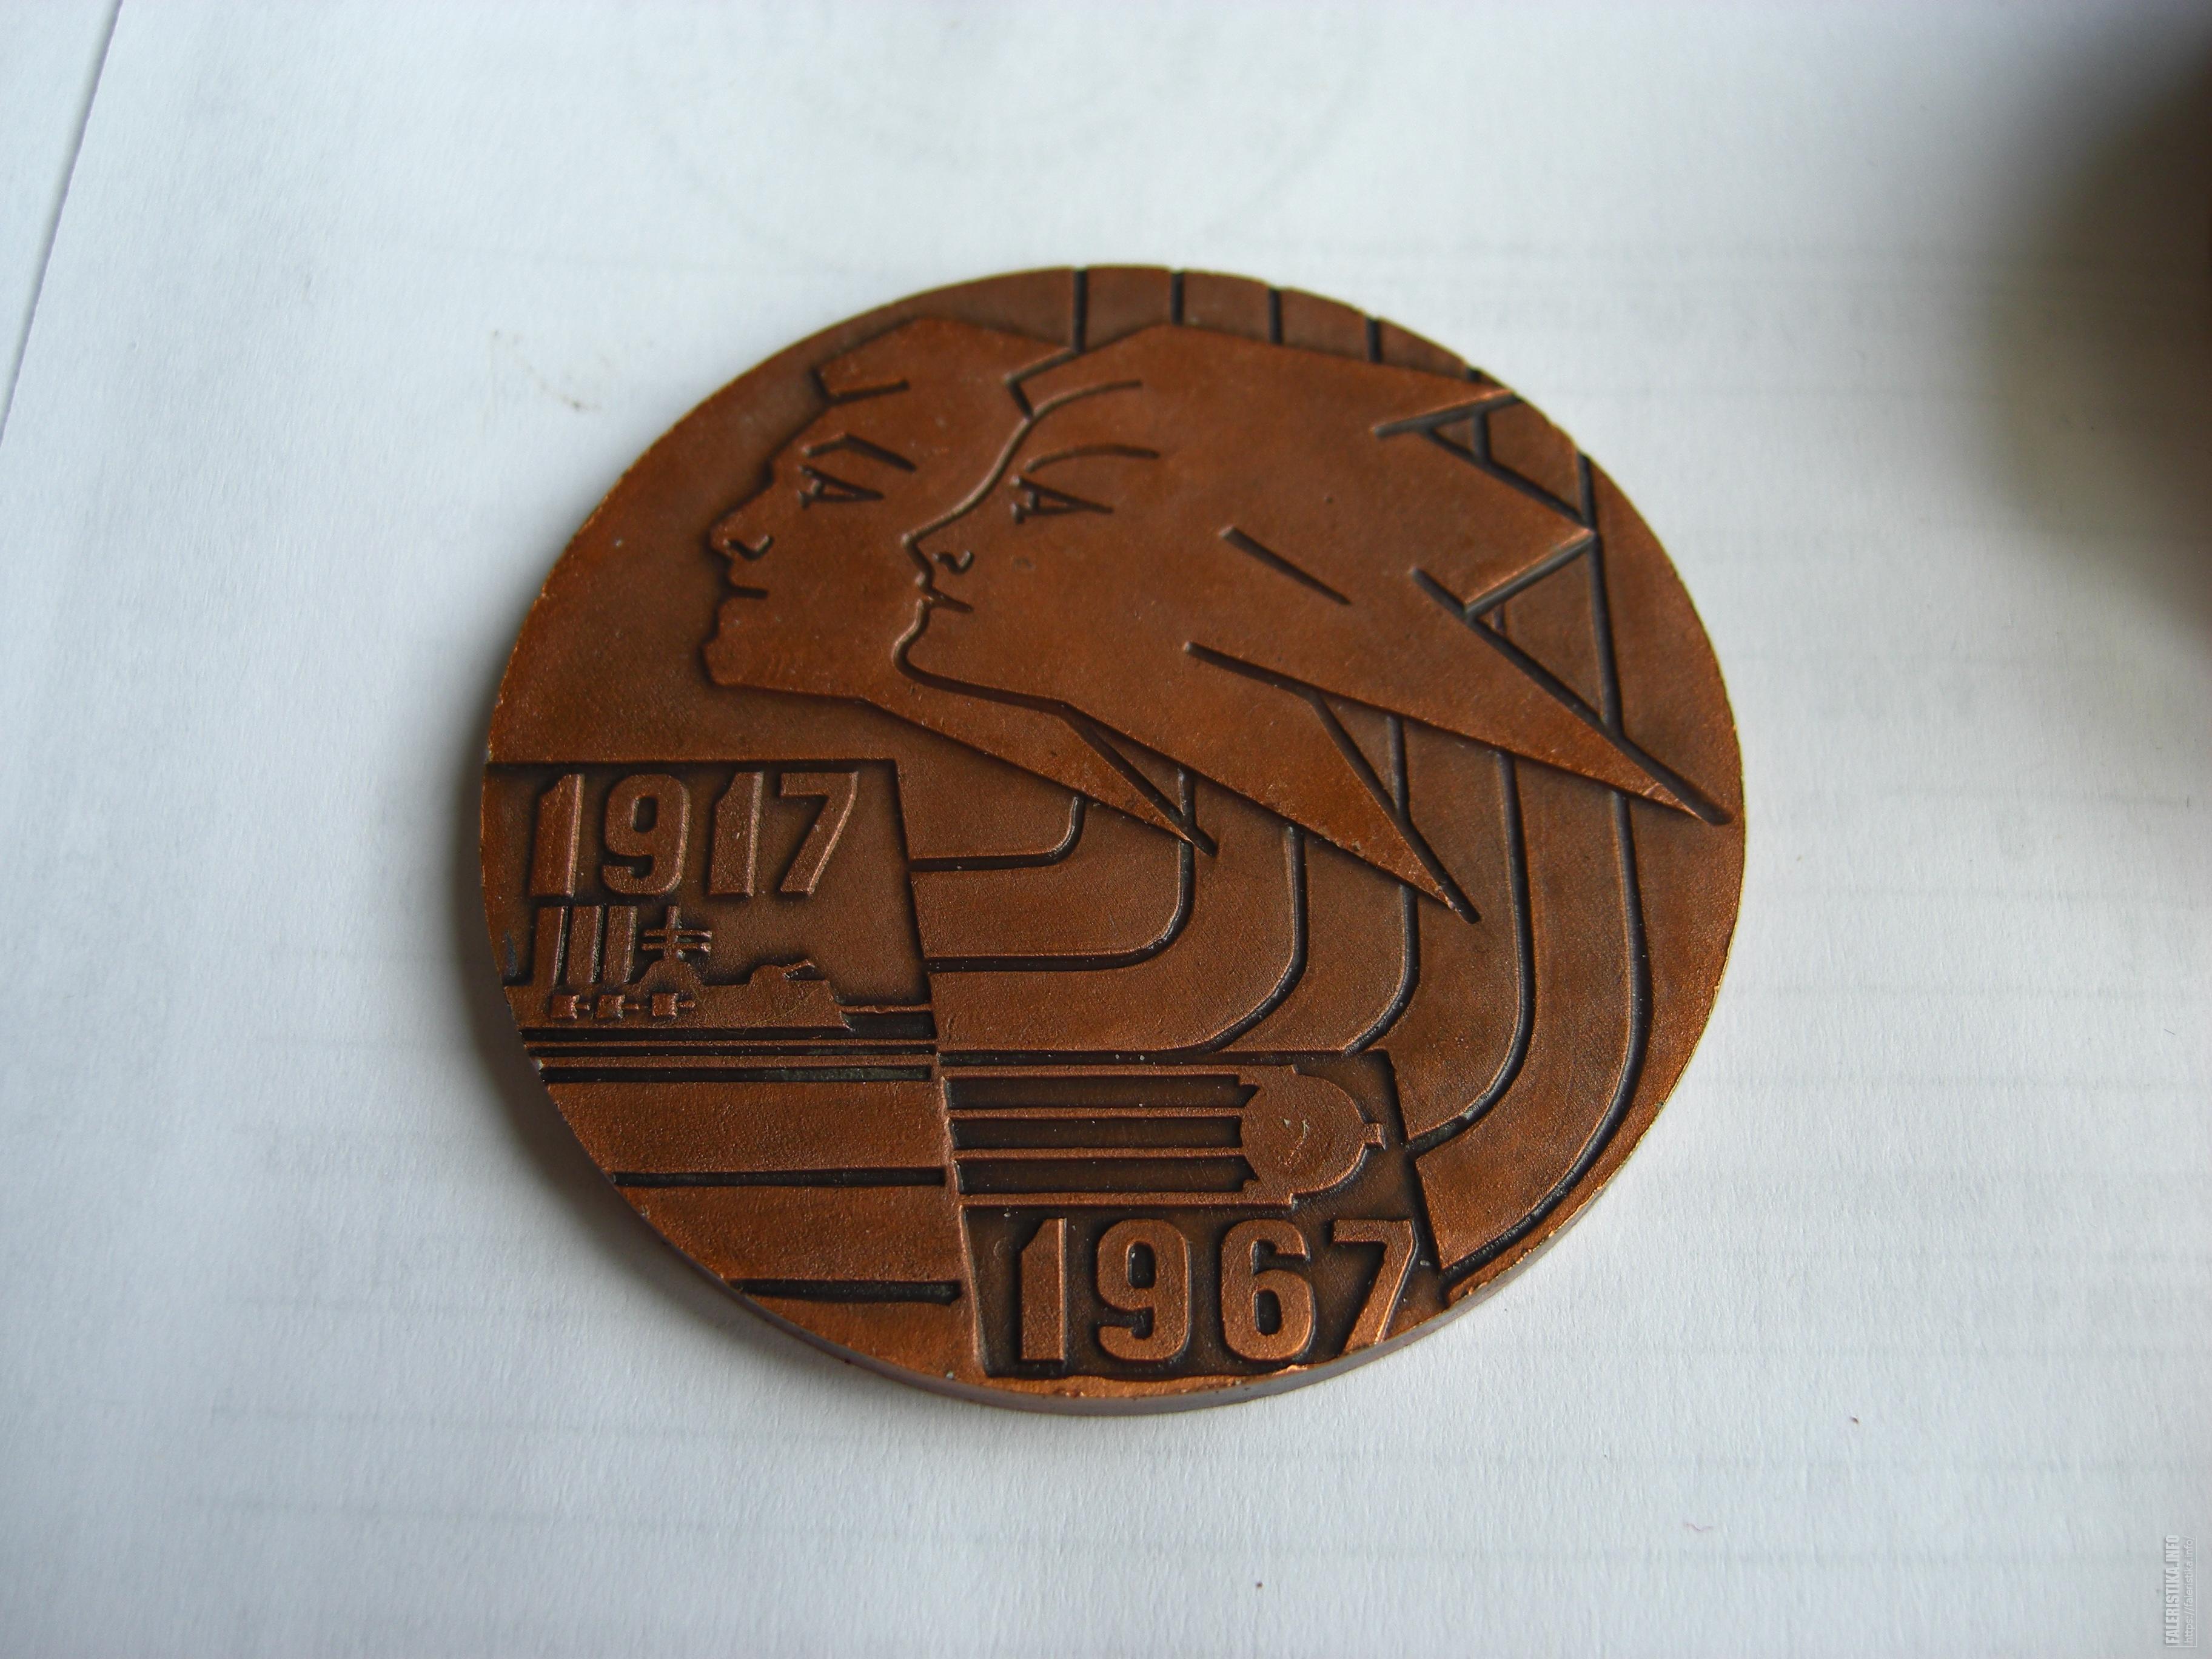 спартакиада_медаль_алюм_1967.jpg